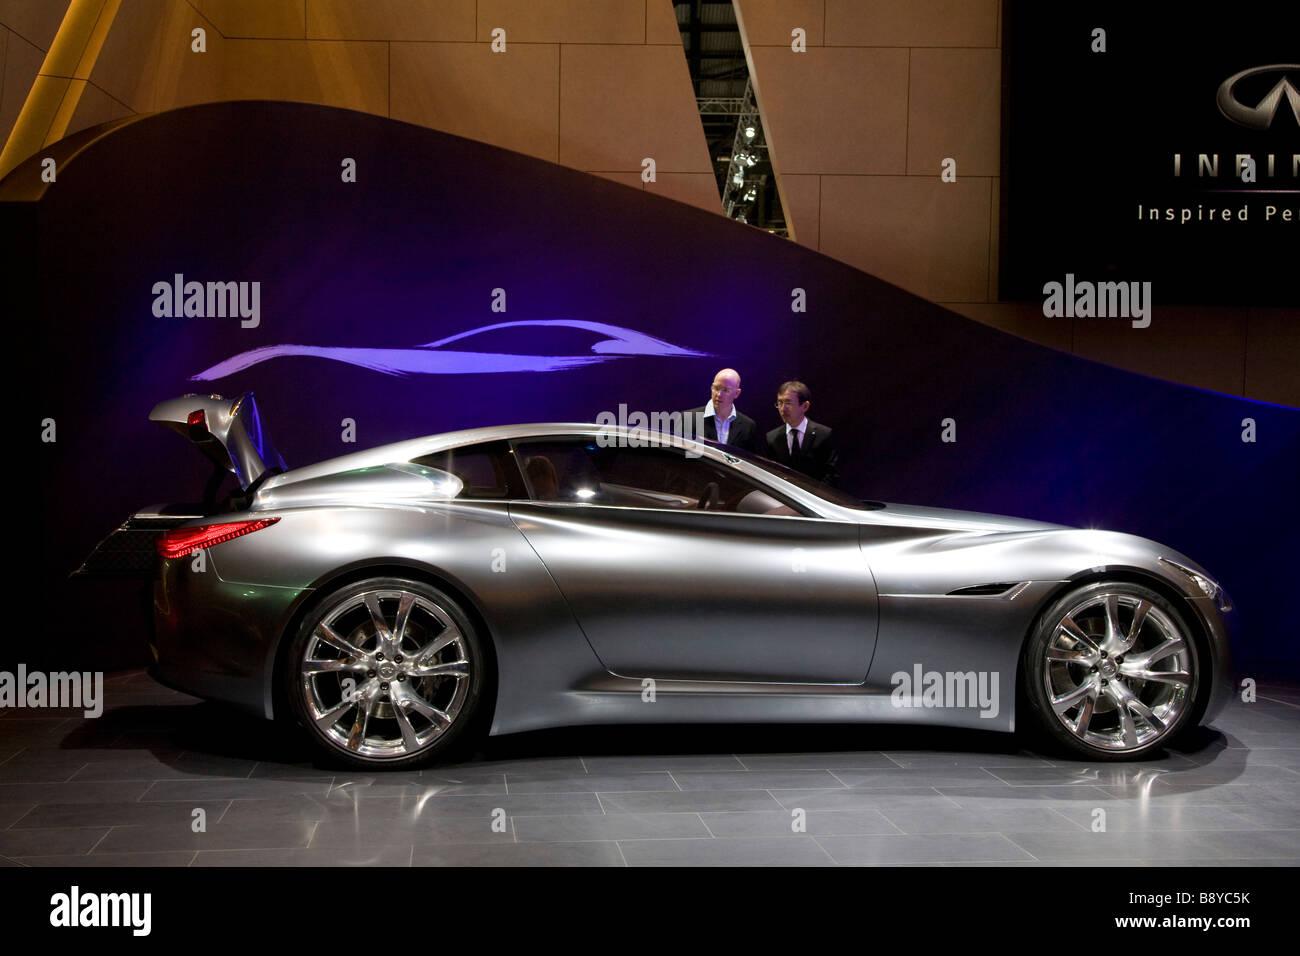 Infiniti essenza mostrato a livello europeo motor show. Immagini Stock